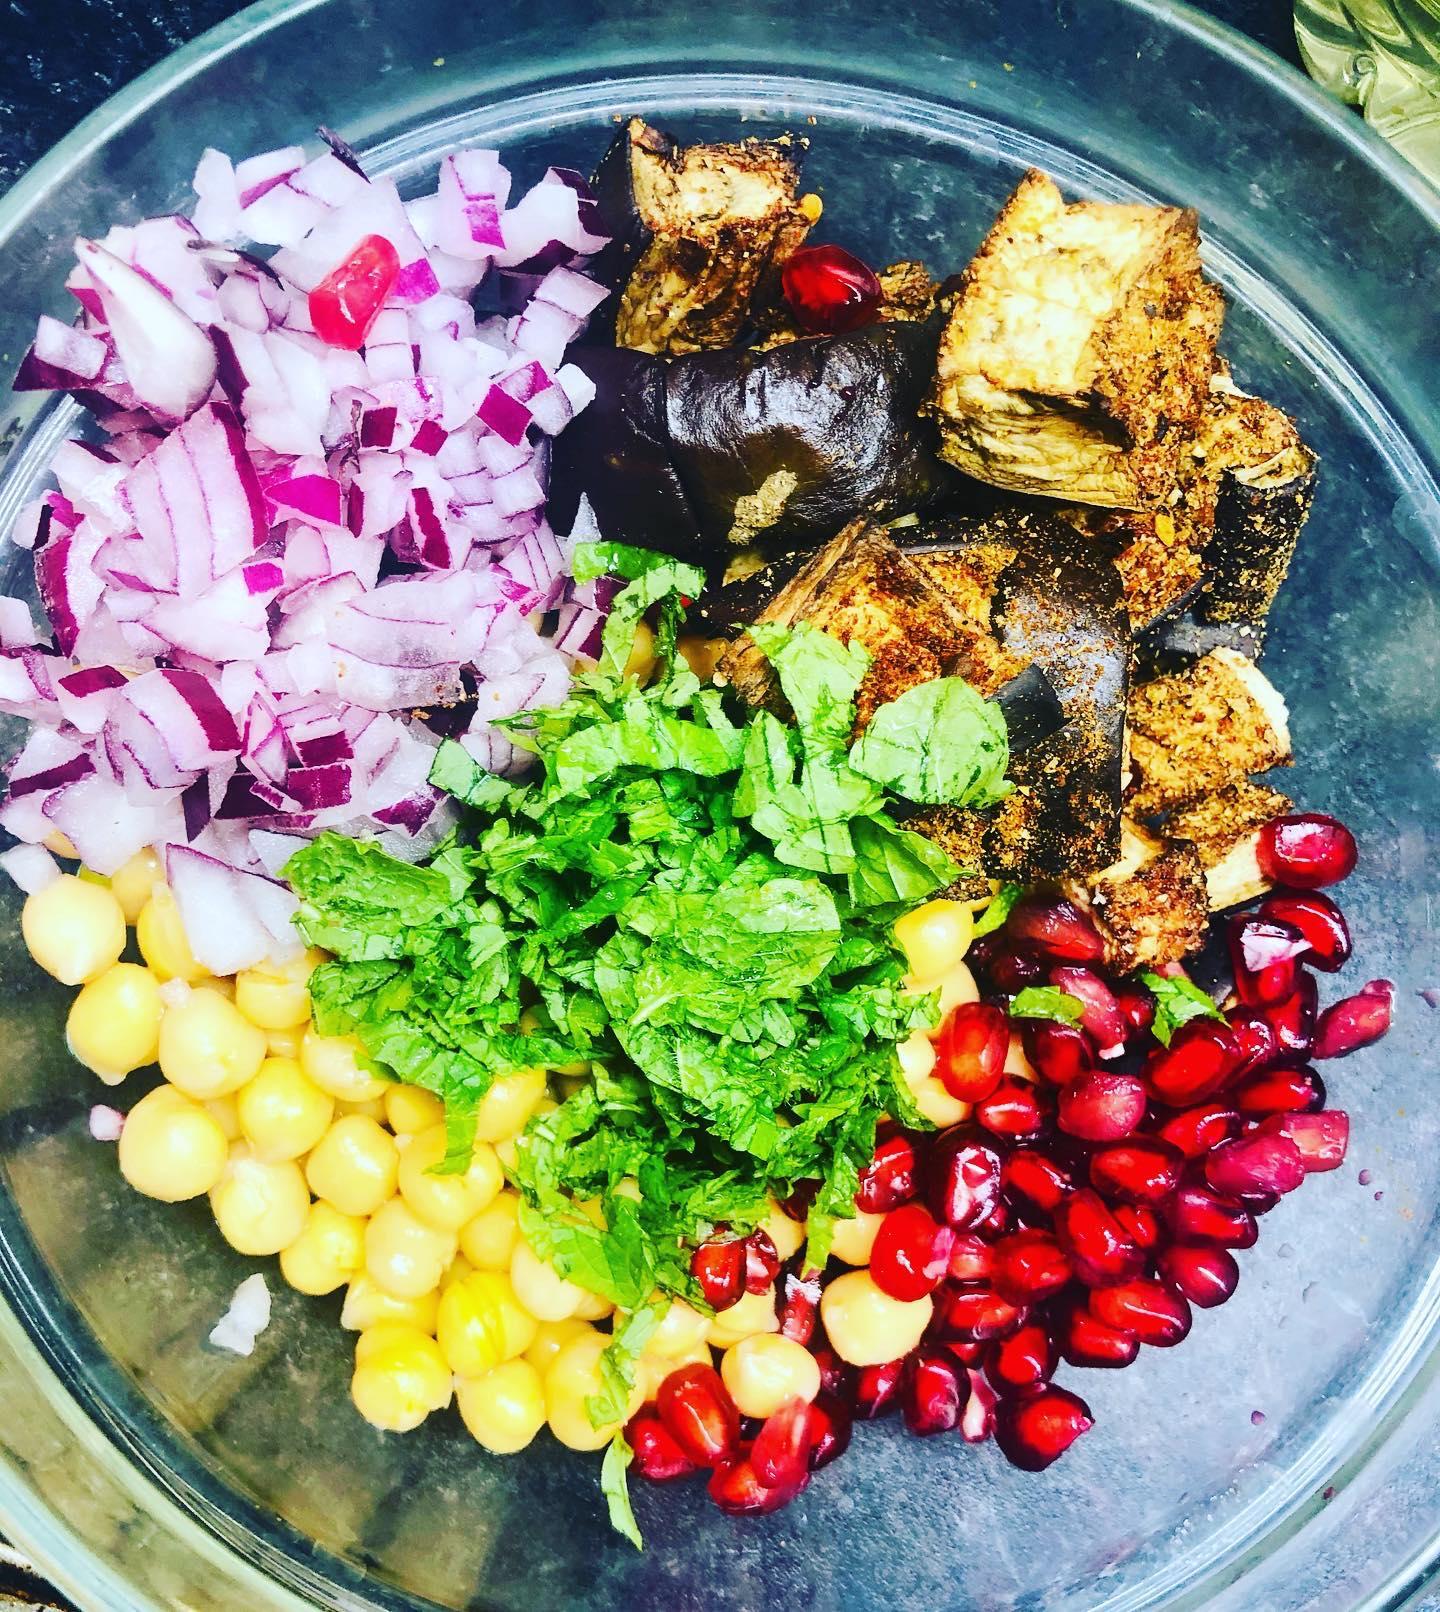 Oil-Free Roasted Eggplant Chickpea Salad